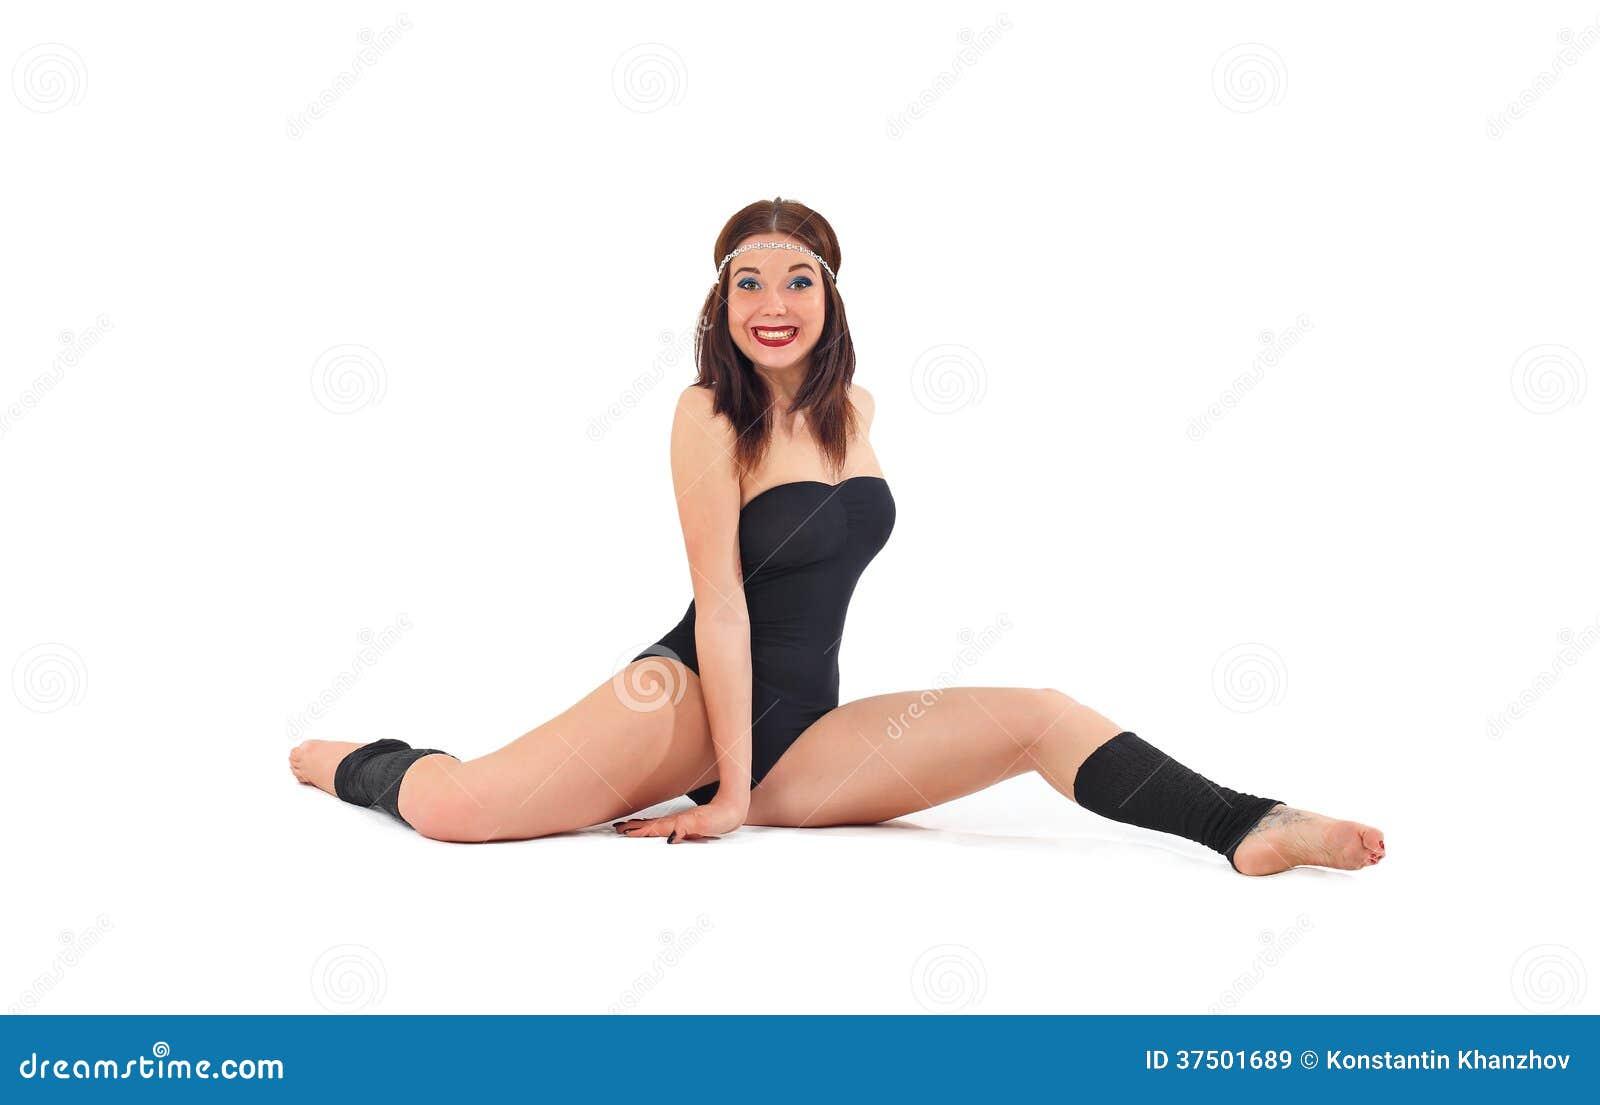 Muchacha hermosa atlética tatuada en el entrenamiento de la aptitud